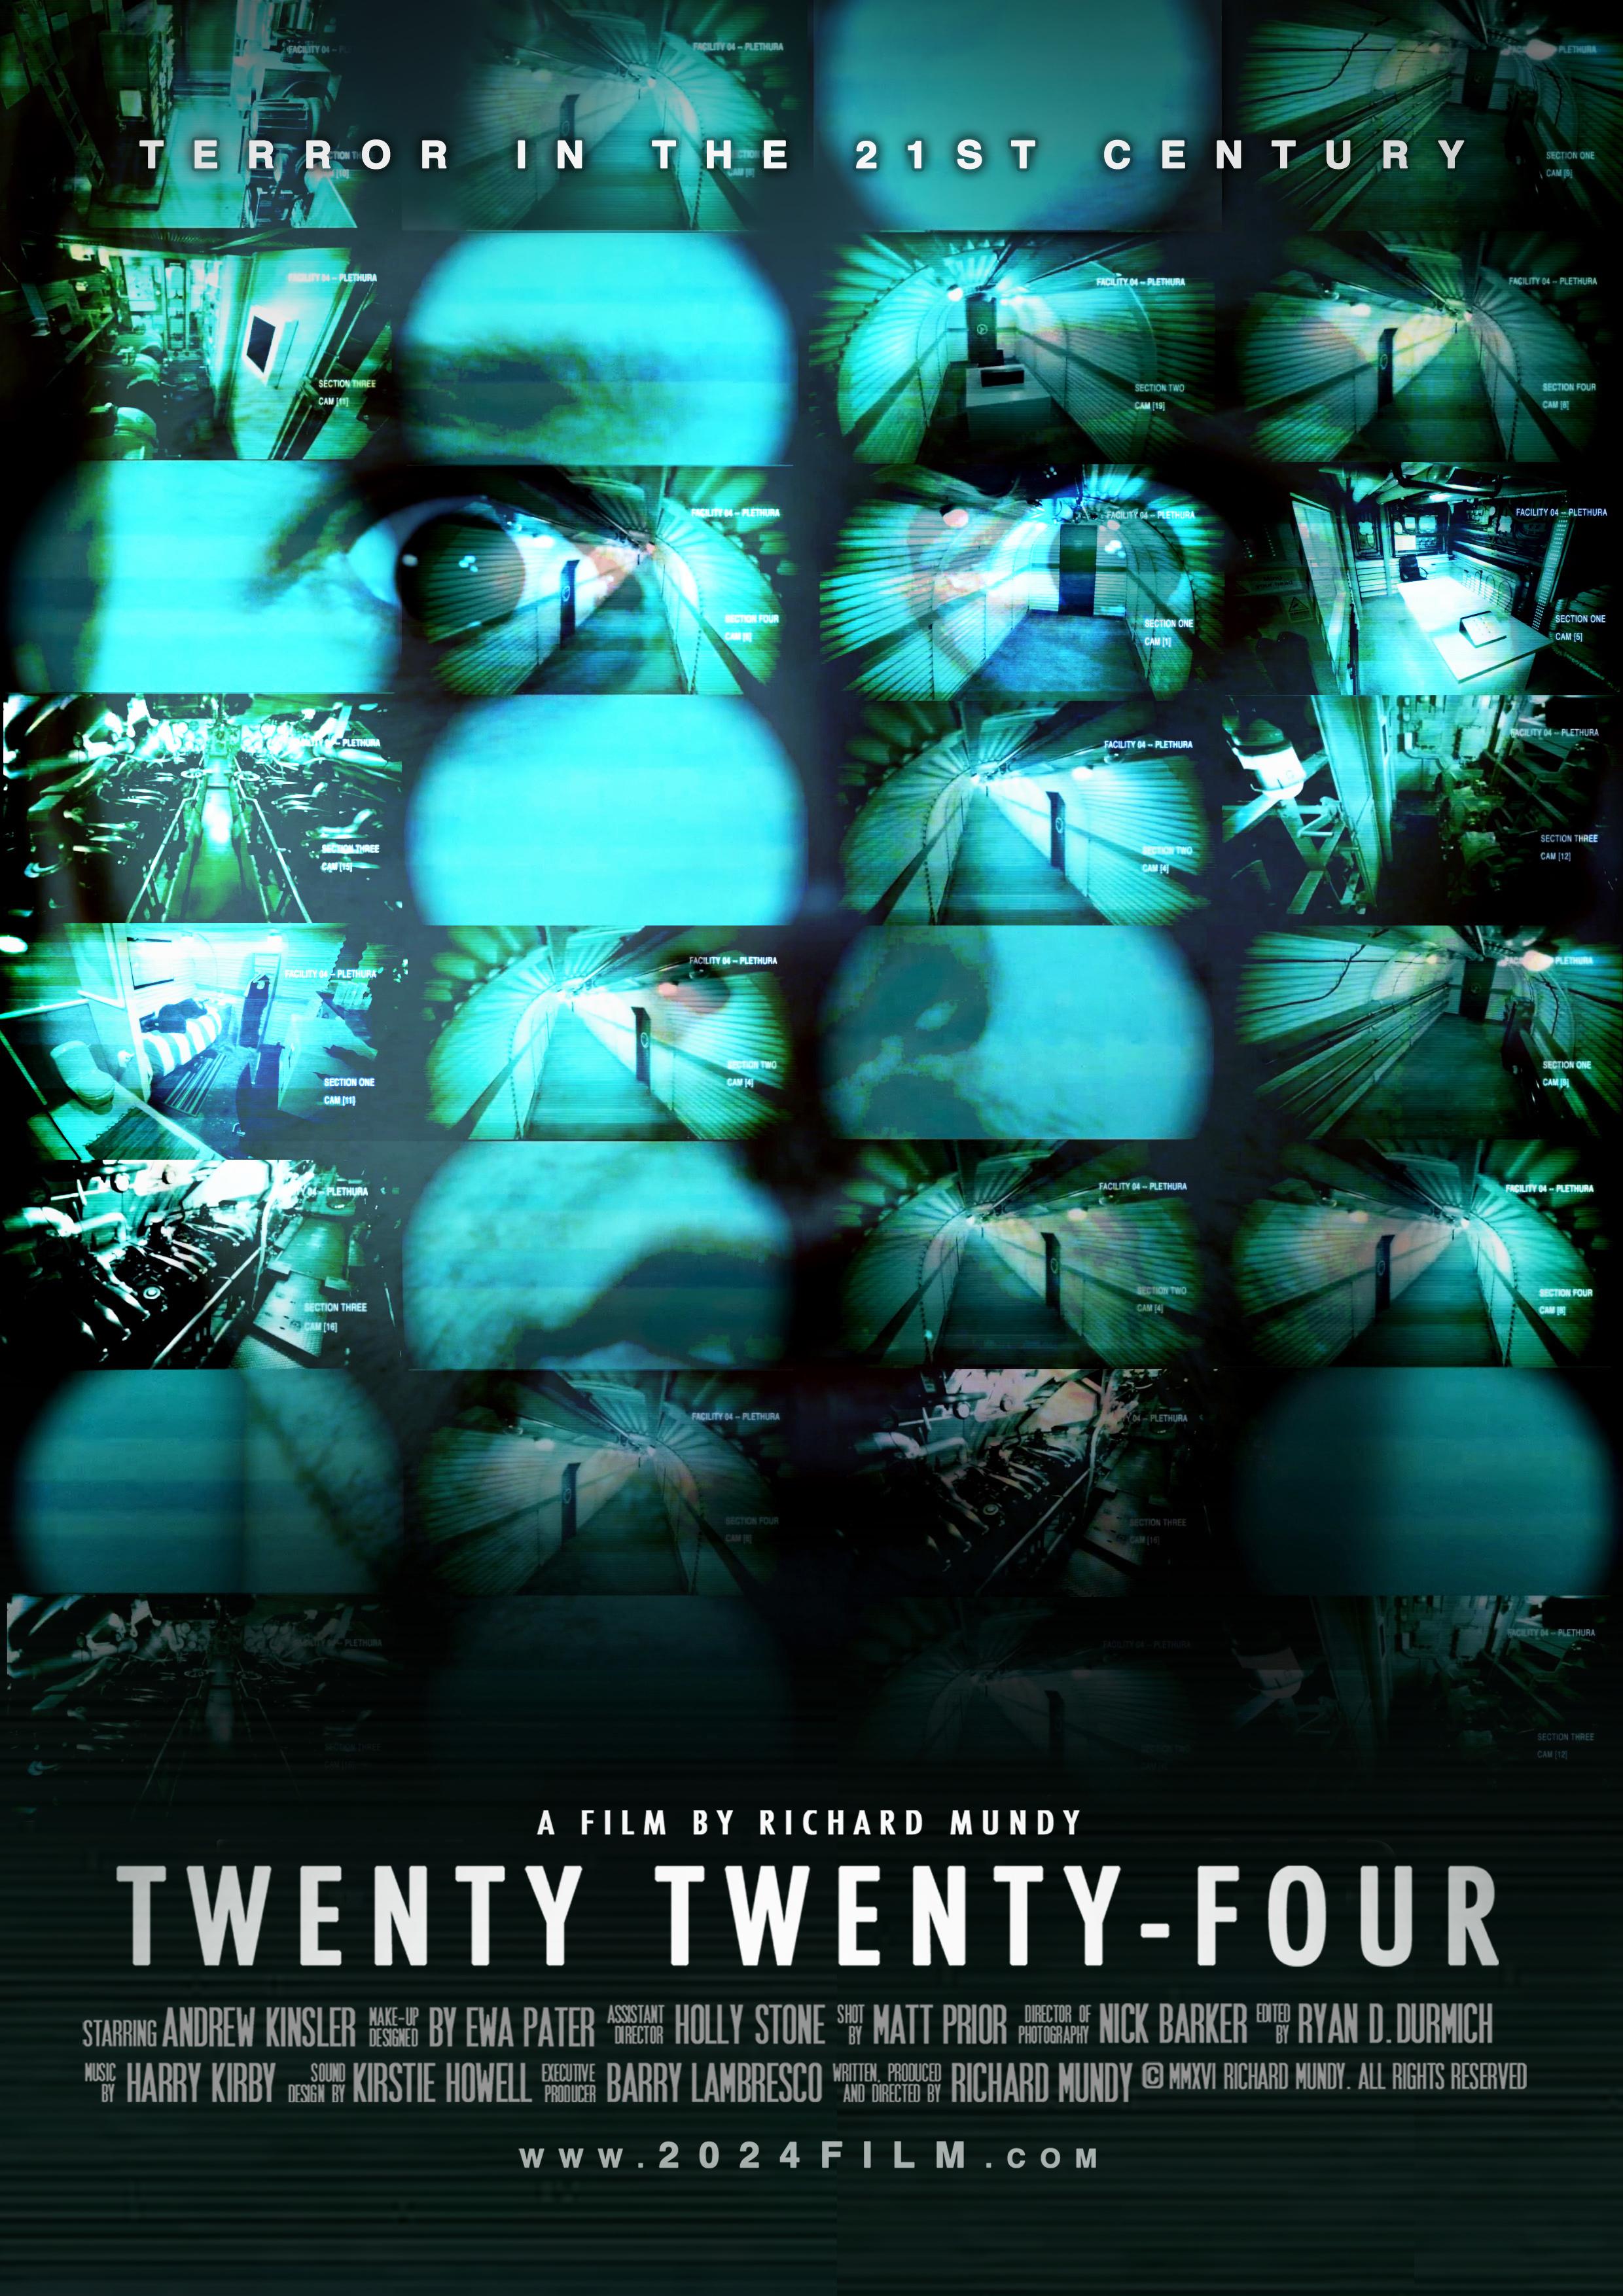 دانلود زیرنویس فارسی فیلم Twenty Twenty-Four